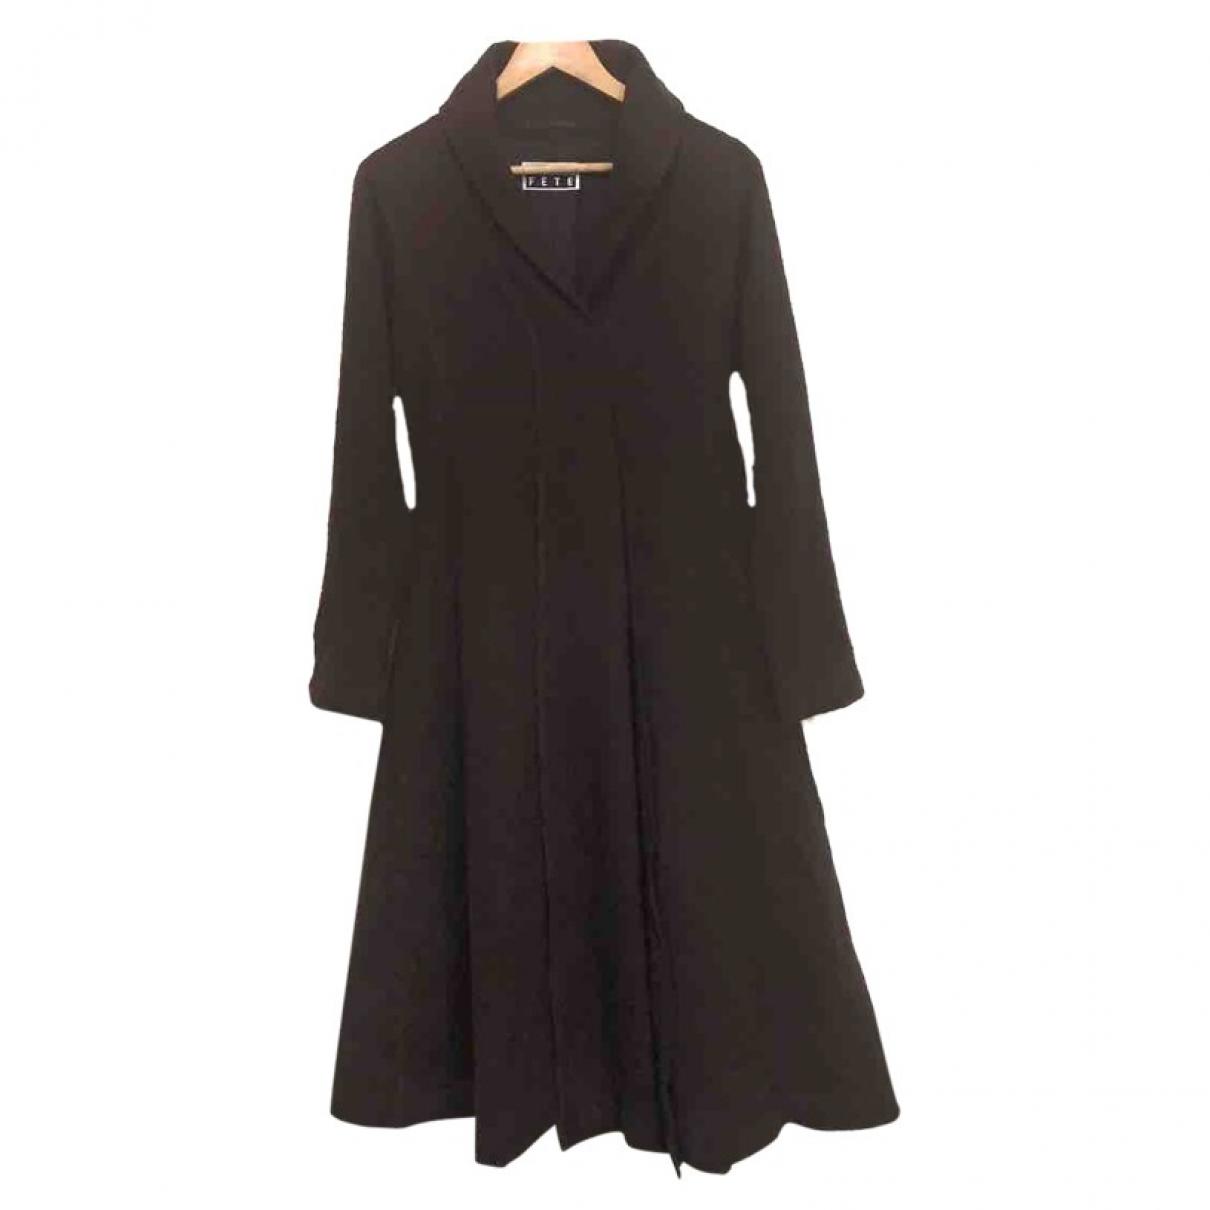 Issey Miyake \N Kleid in  Braun Wolle